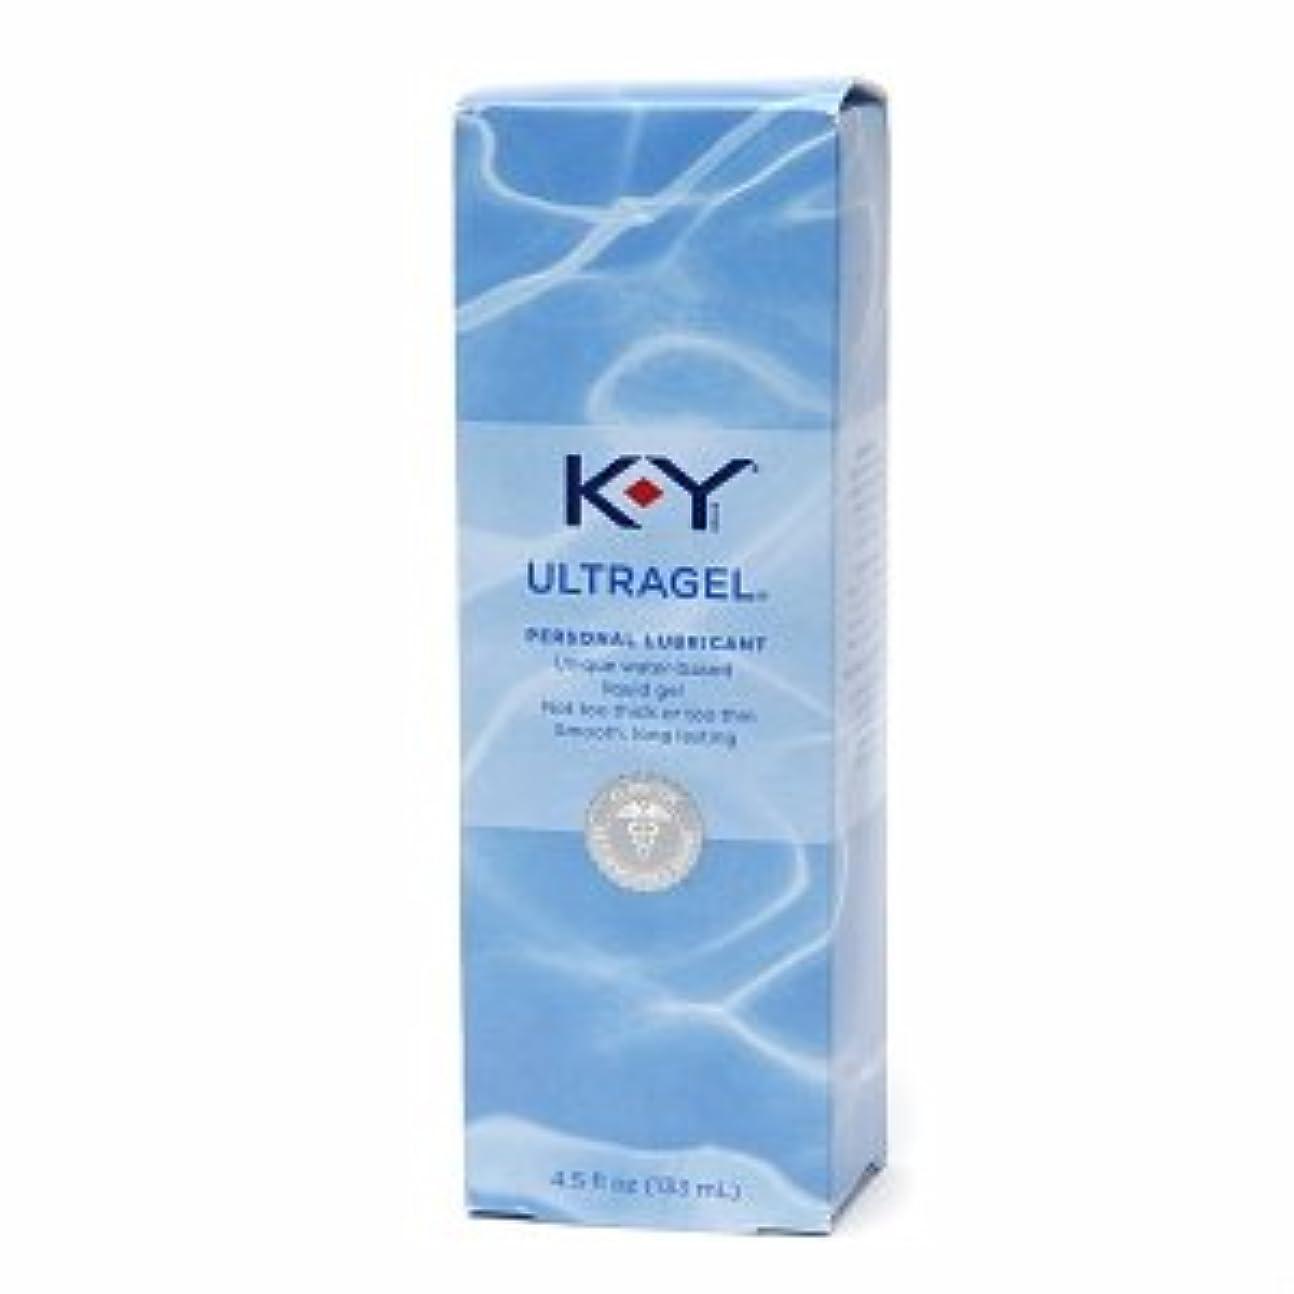 セール同一性切り下げ074 不感症で濡れにくい方へ【高級潤滑剤 KYゼリー】 水溶性の潤滑ジェル42g 海外直送品